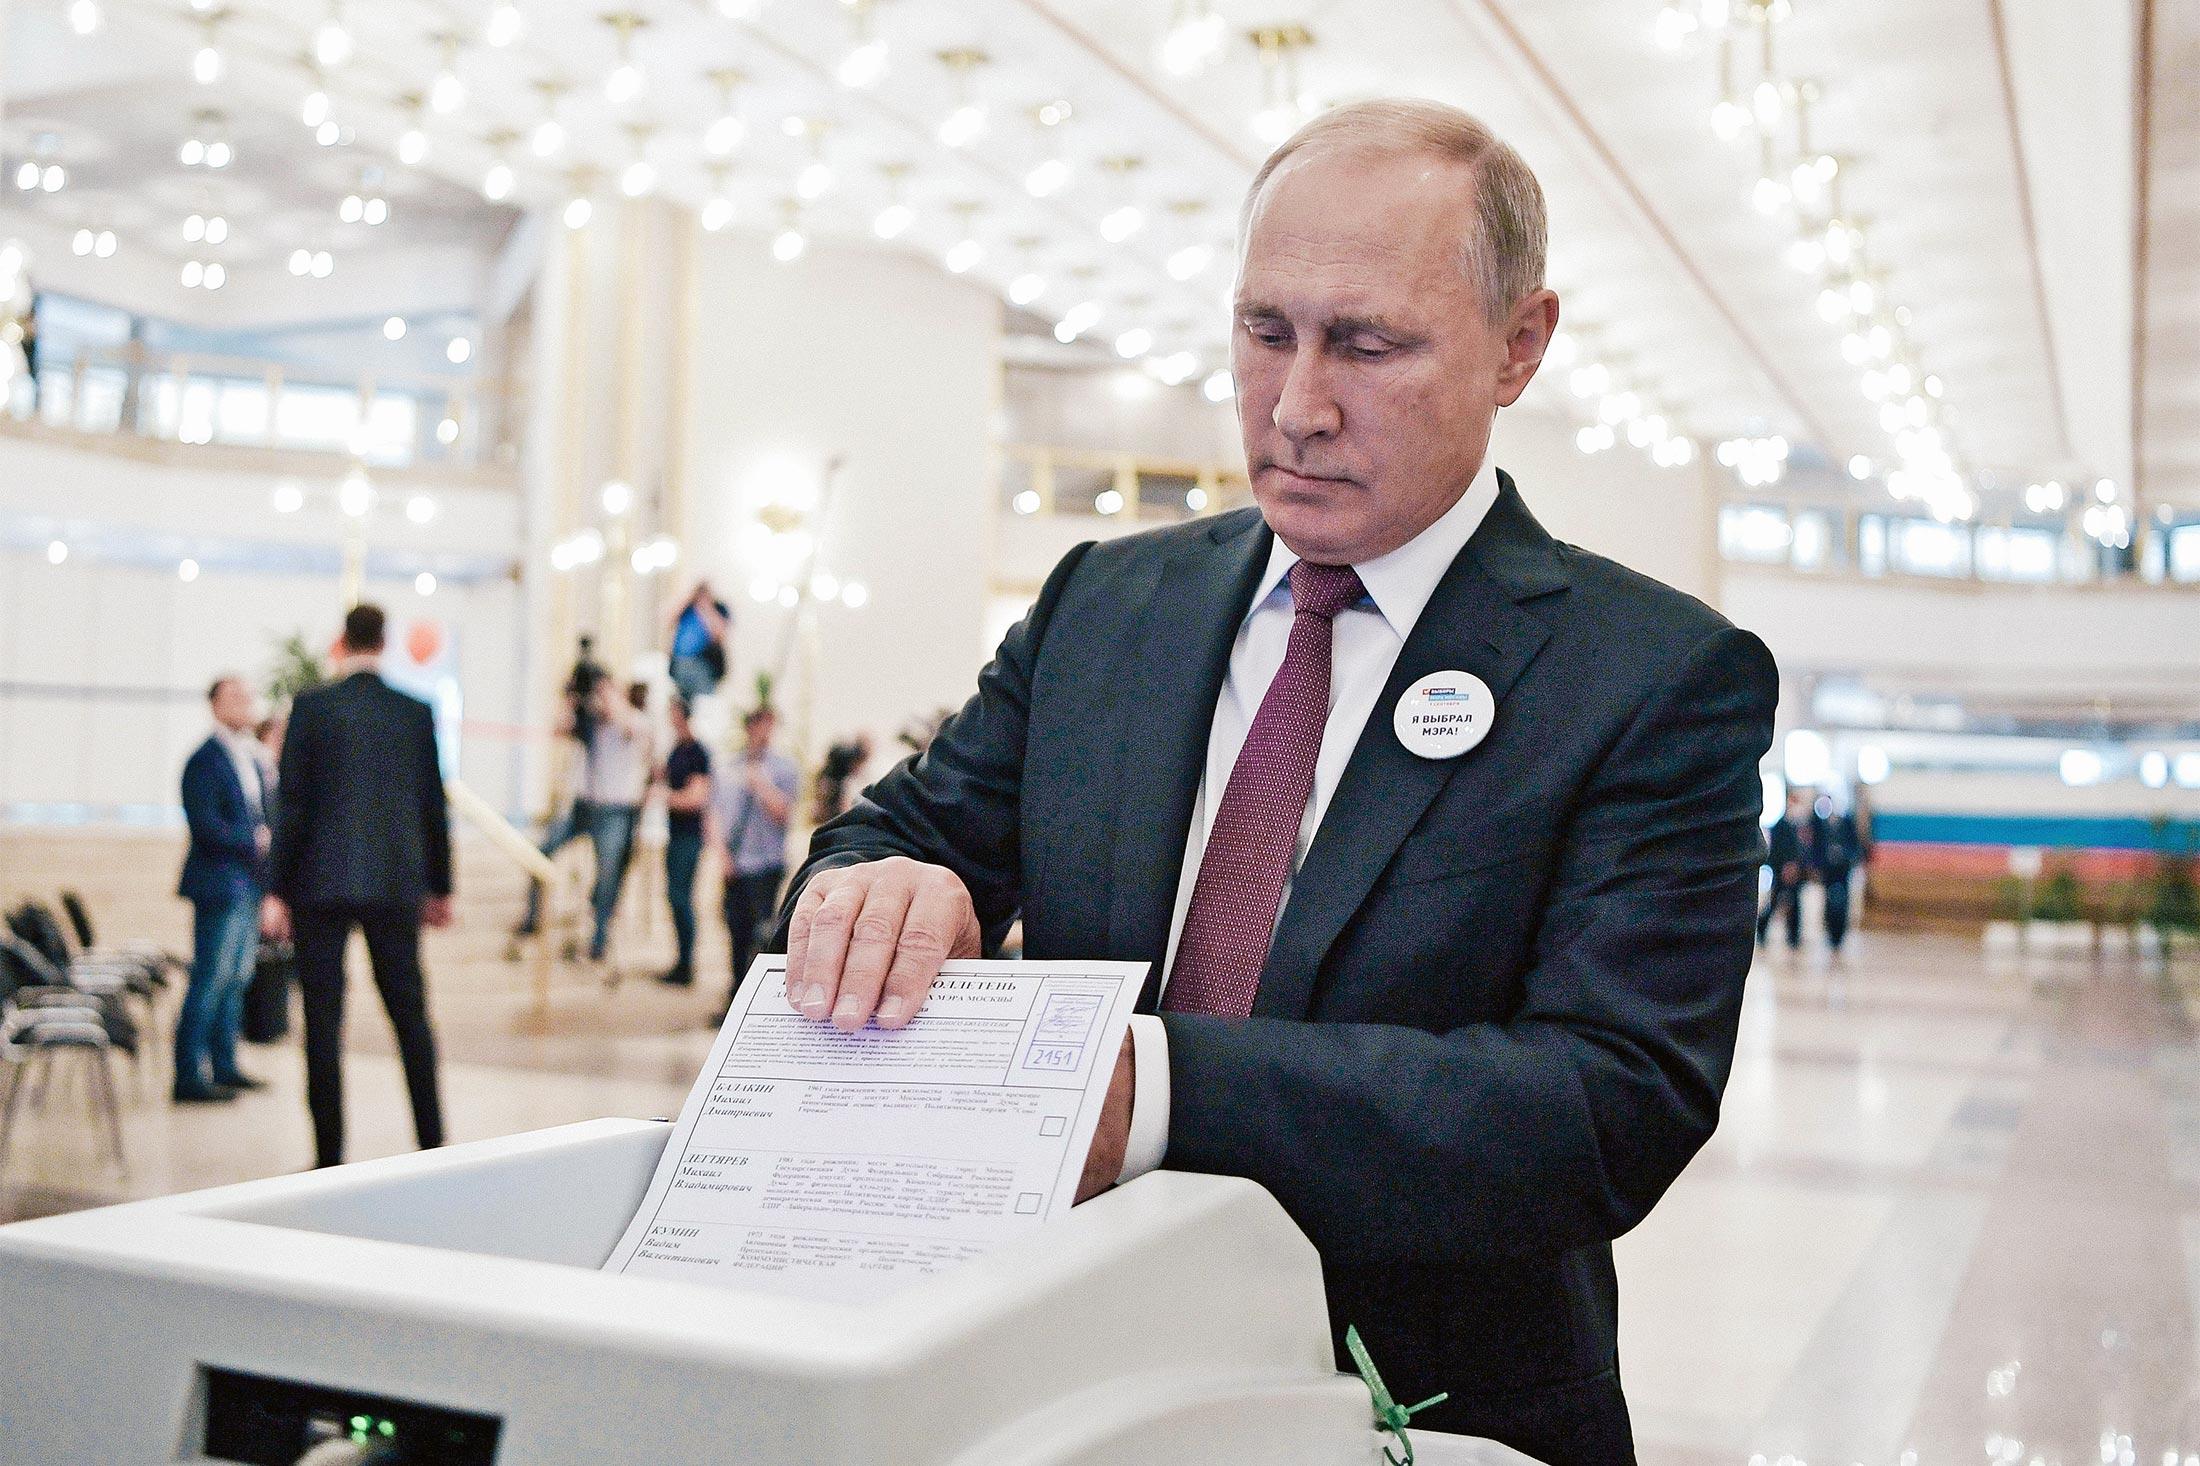 Vladimir Putin puts a ballot into an electronic reader.